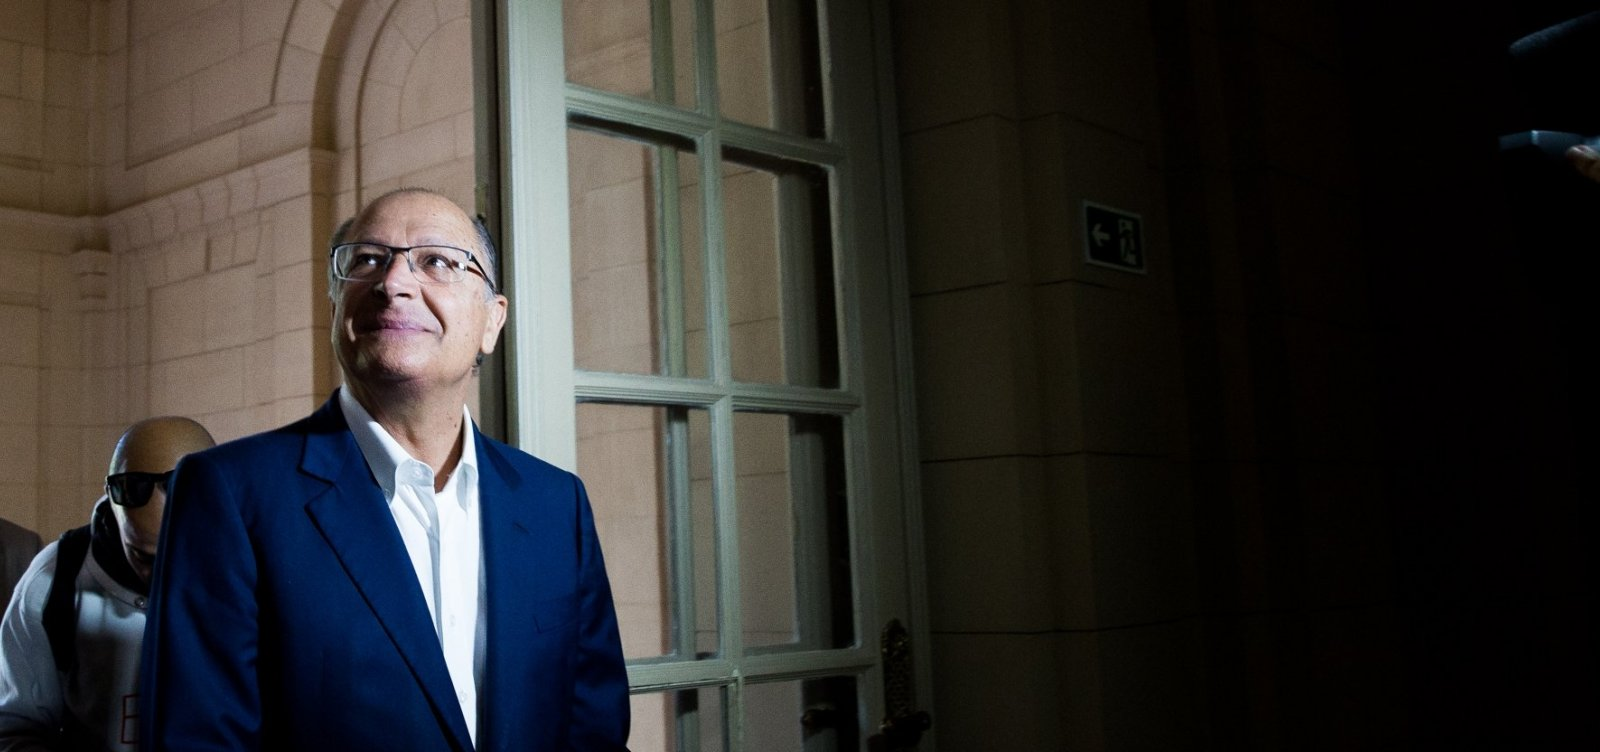 [Juiz põe sigilo em ação contra Alckmin]